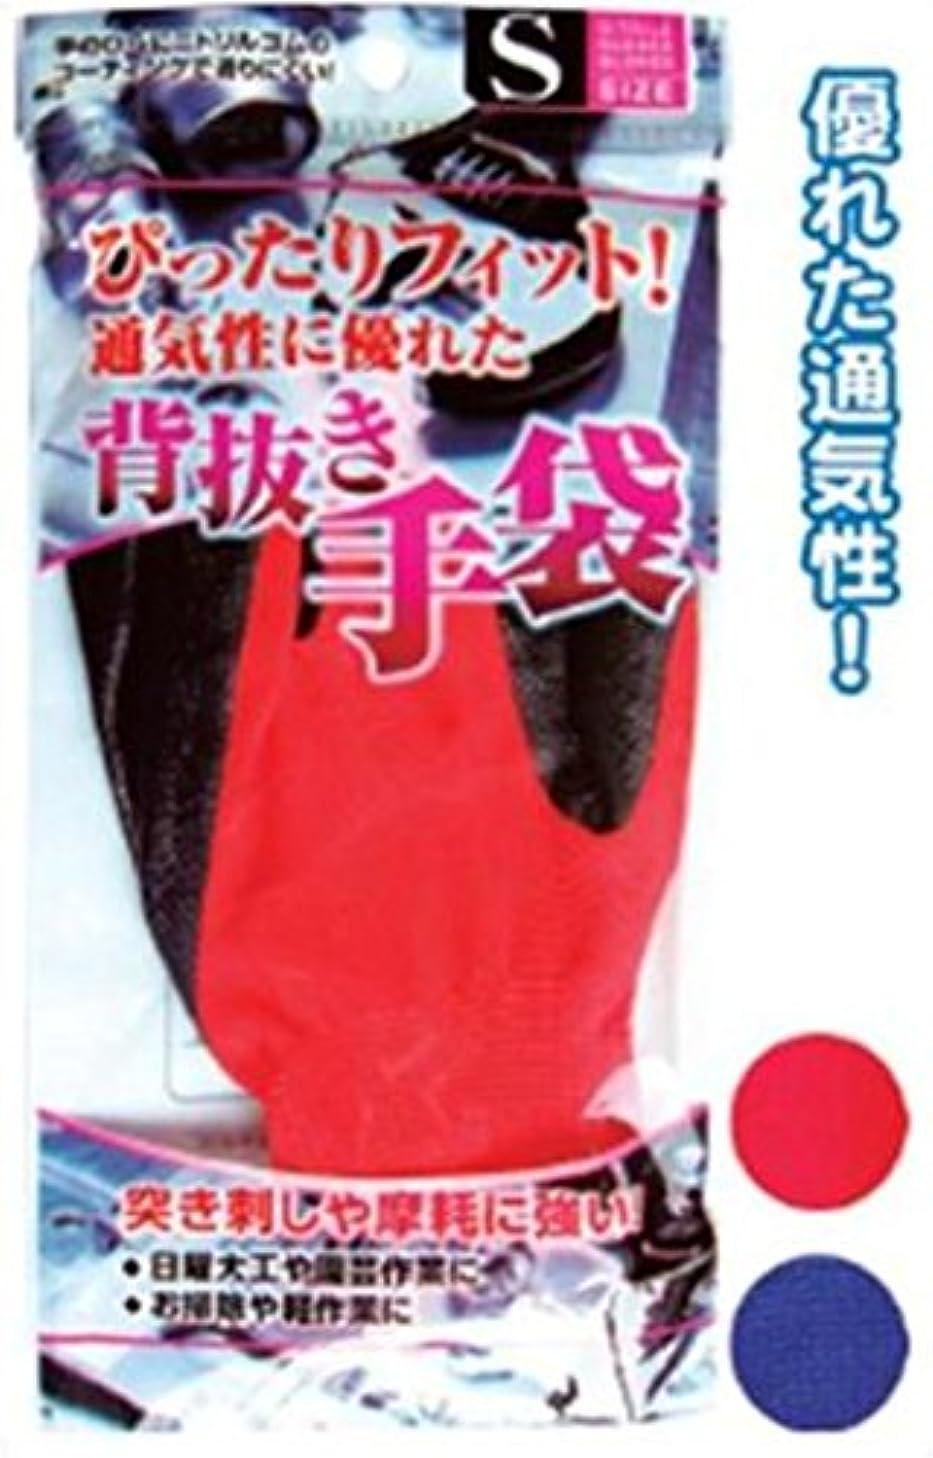 通知するトチの実の木心臓ぴったりFit滑りにくいニトリルゴム背抜手袋(S) 45-663 【まとめ買い12個セット】